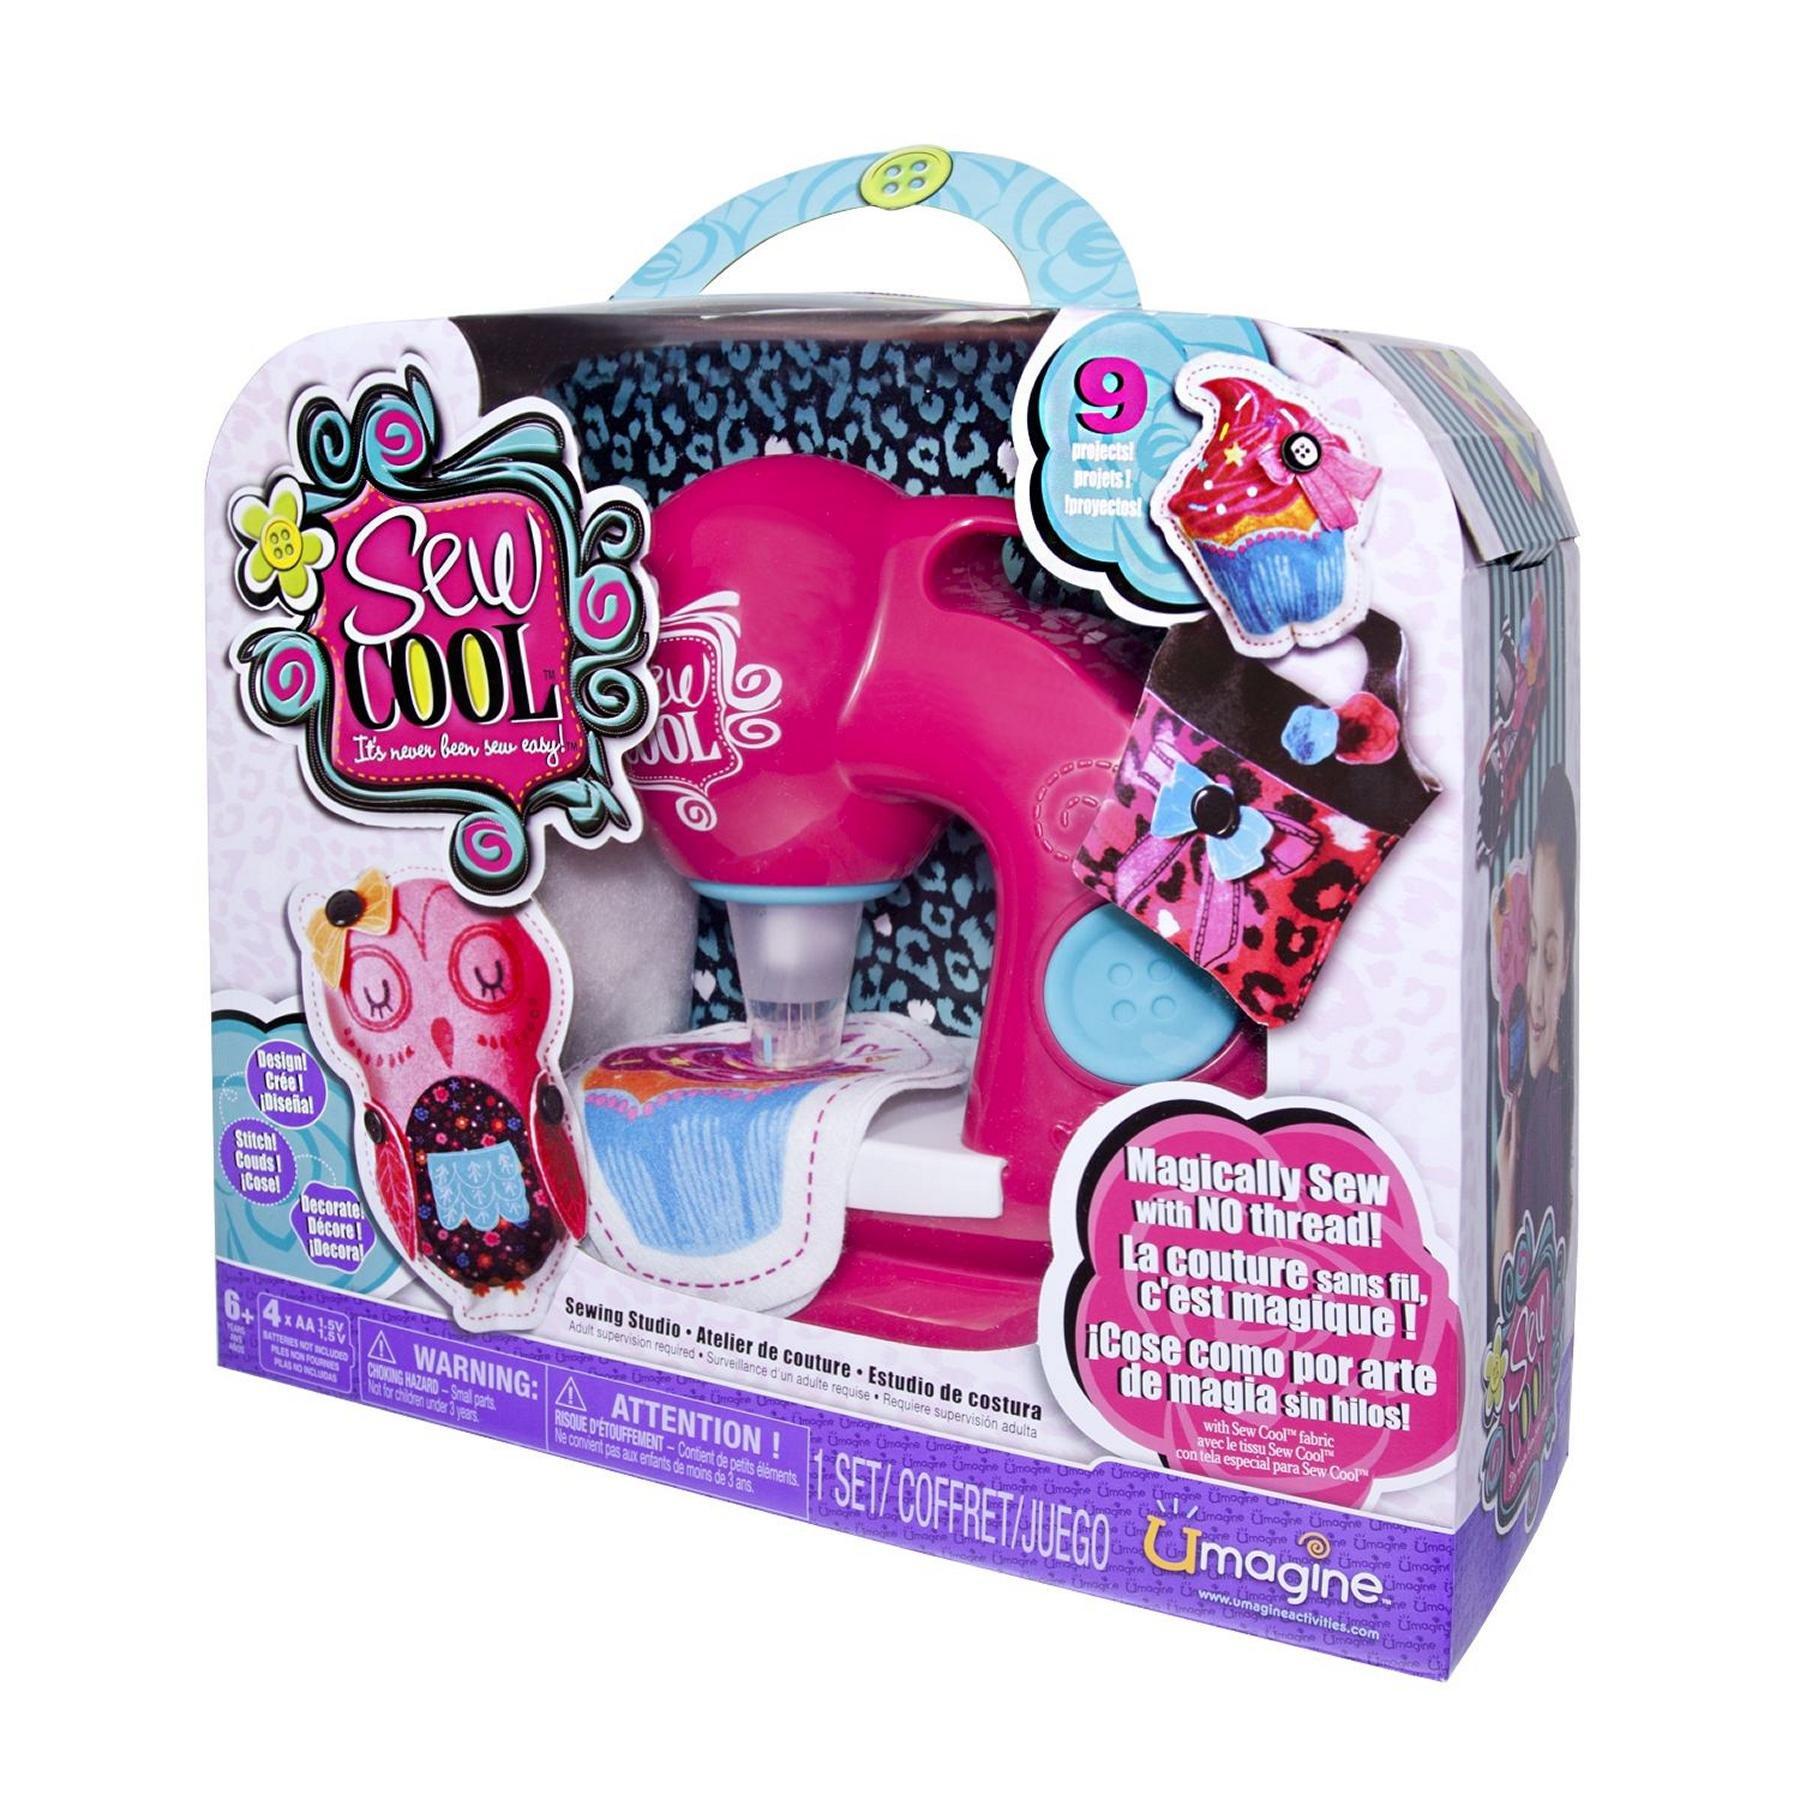 Máquina de Coser de Juguete Sew Cool: Amazon.es: Juguetes y juegos